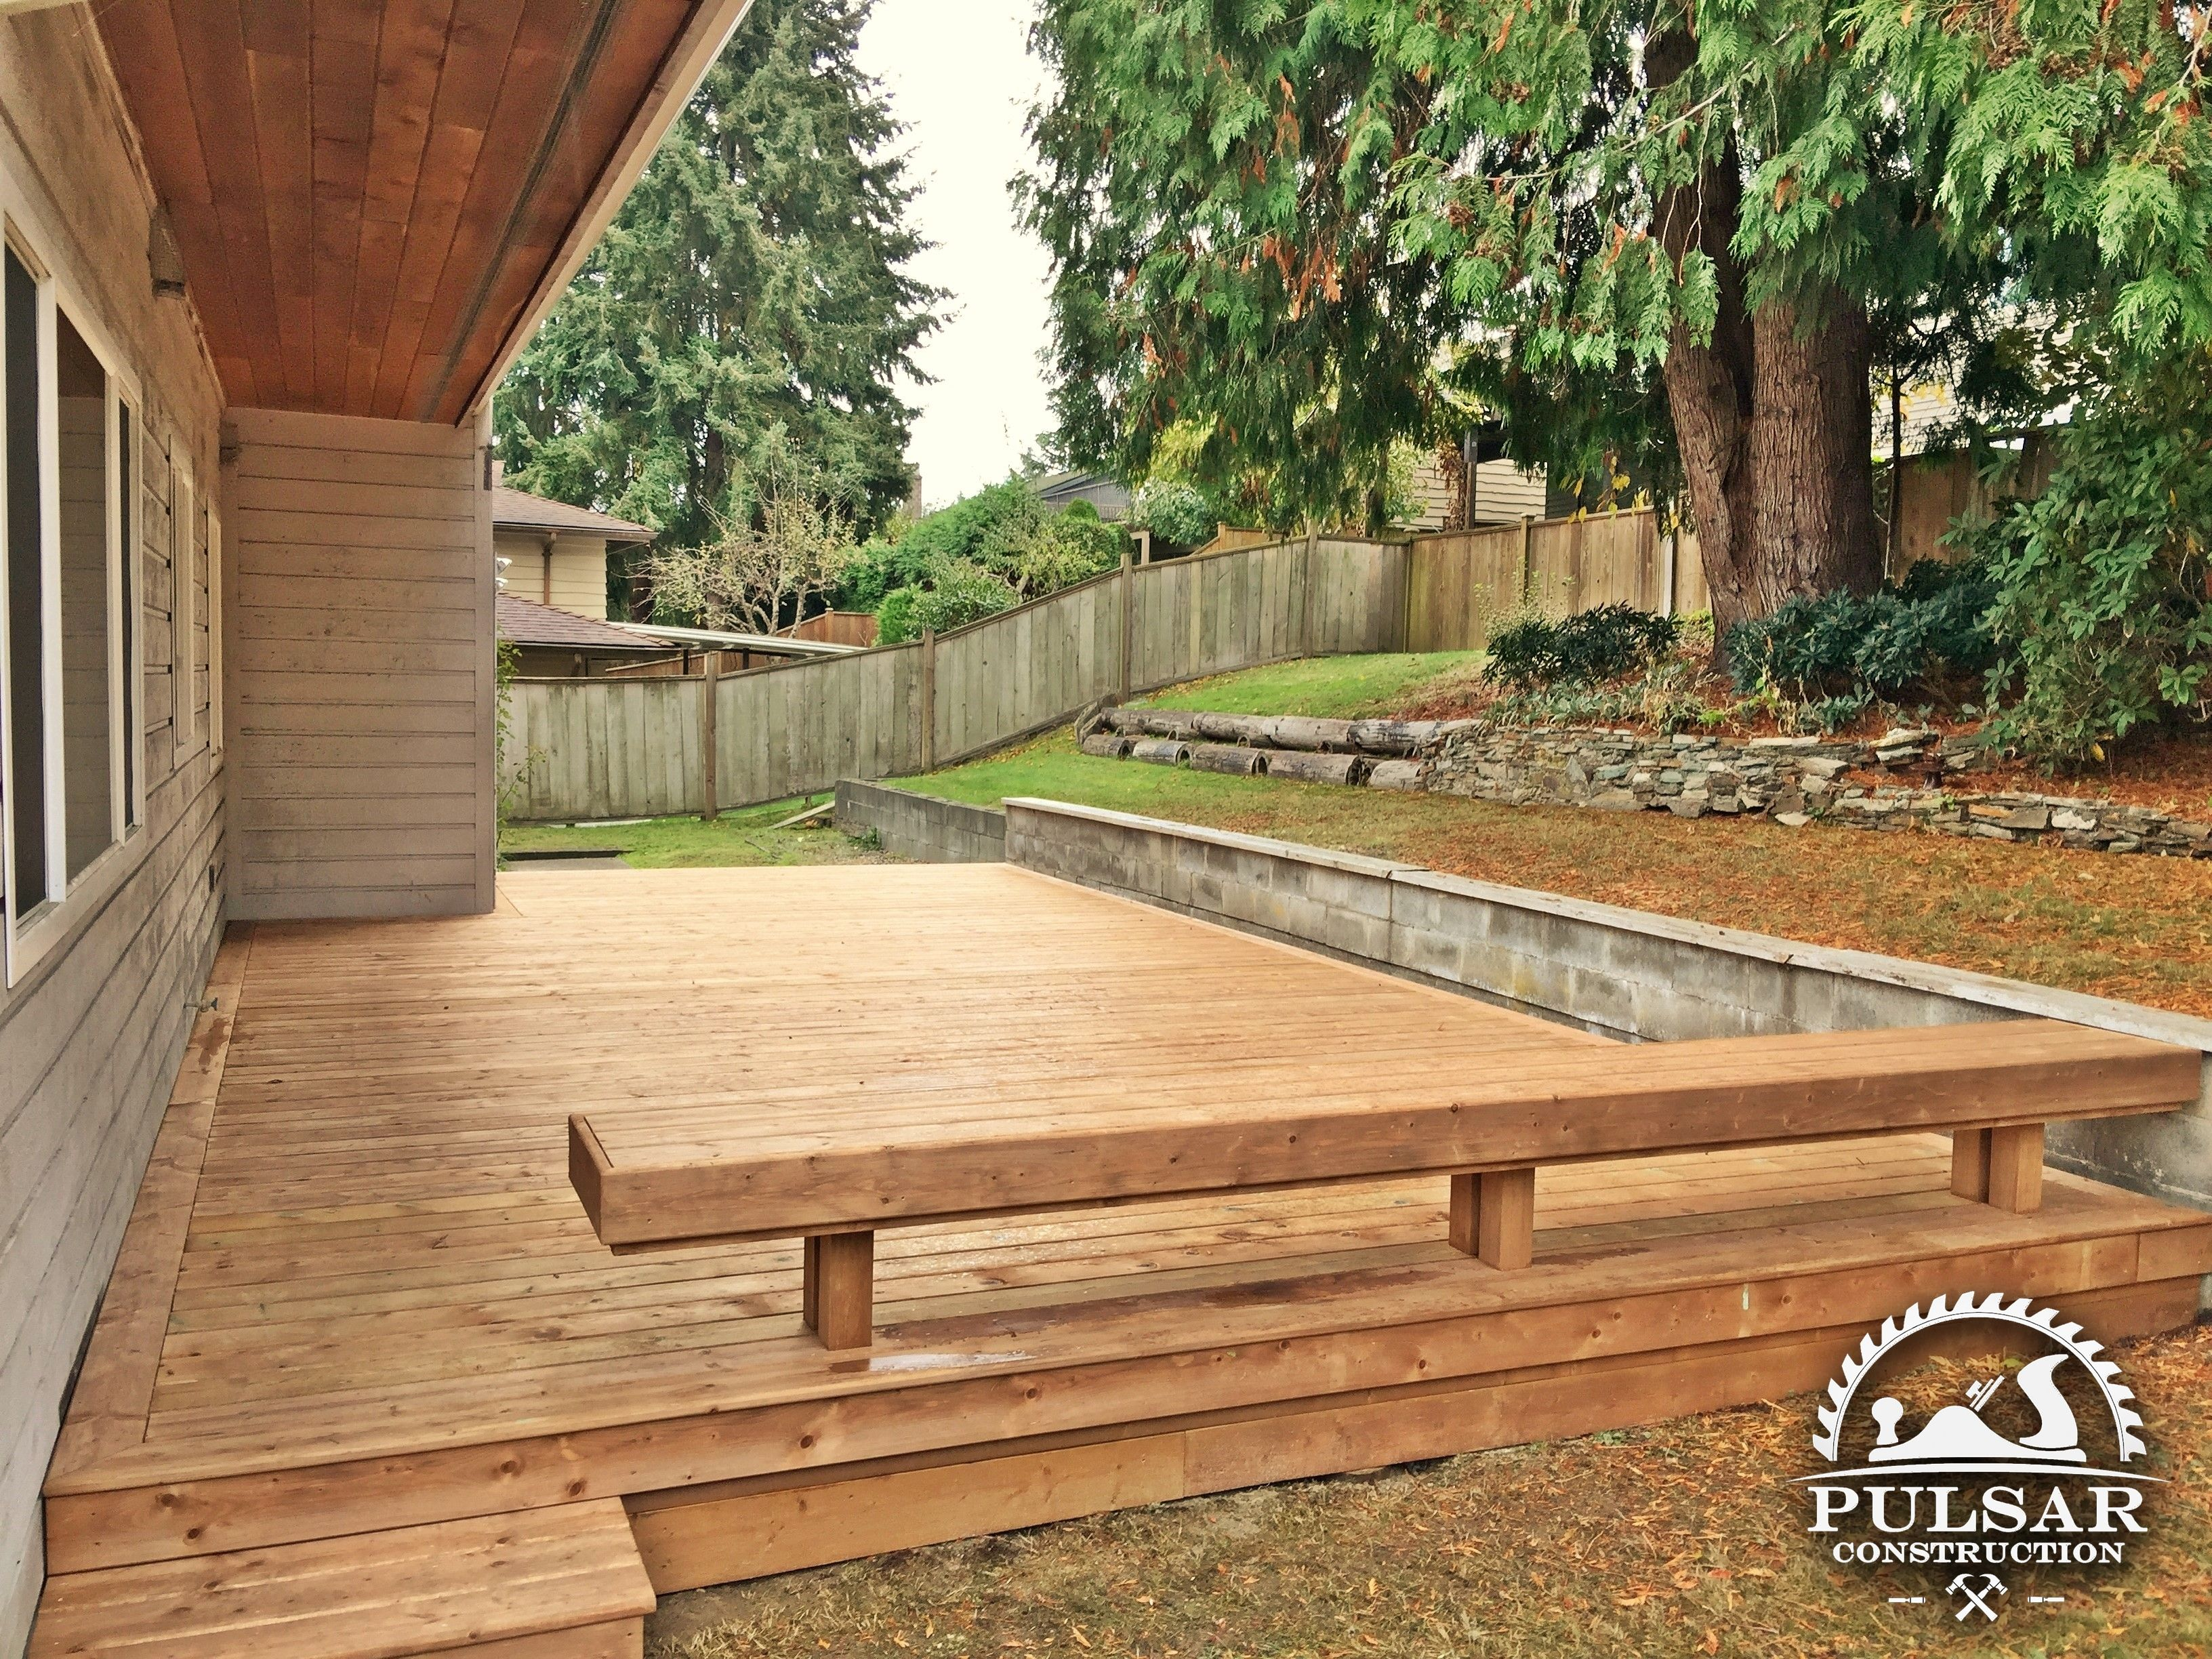 Ground Level Deck Pressure Treated Wood Ground Level Deck Patio Deck Designs How To Level Ground